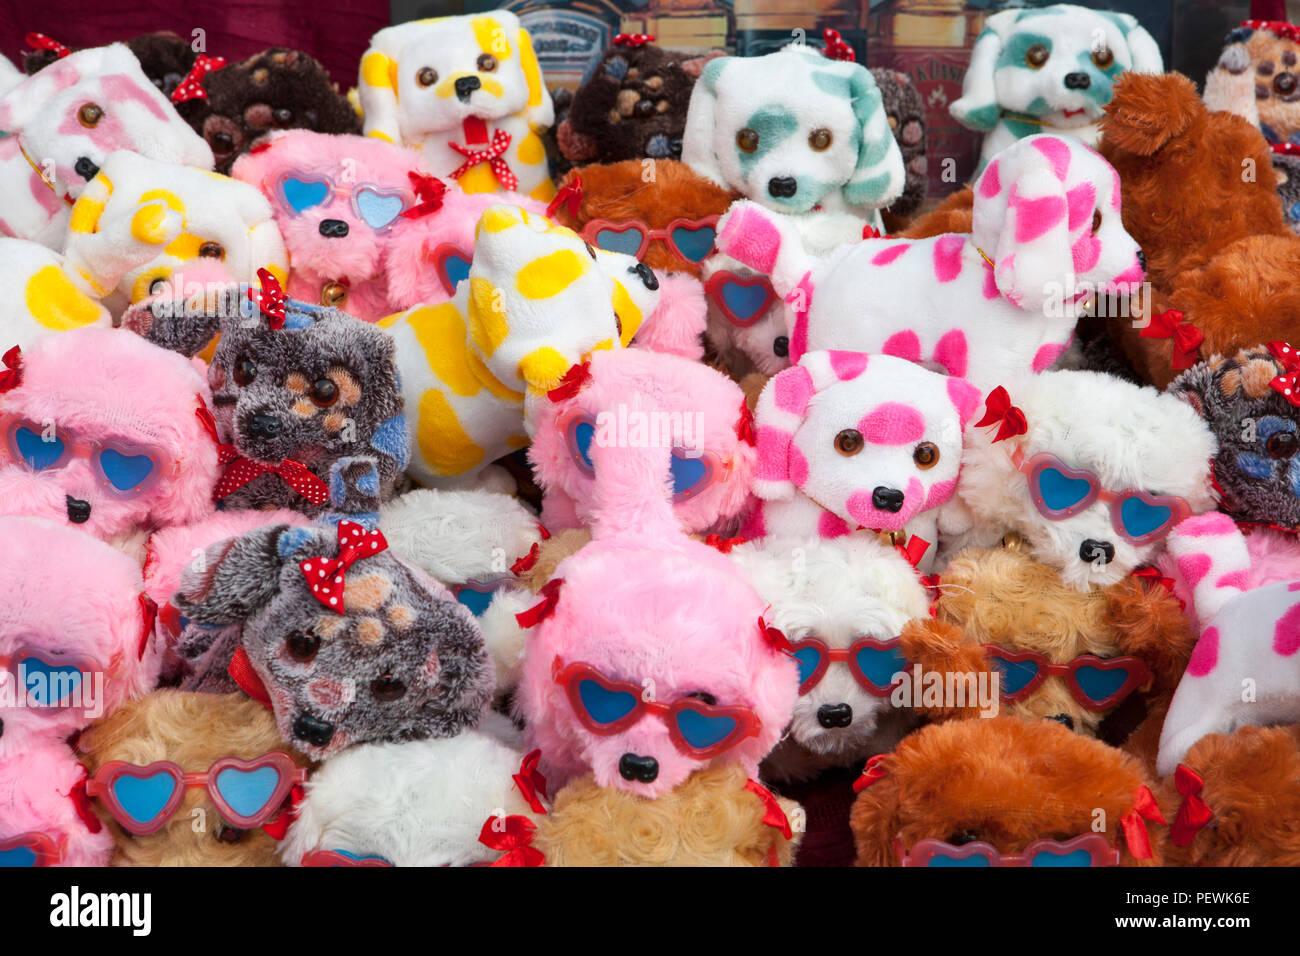 Les jouets en plastique à un stand de marché, l'Allemagne, de l'Europe Photo Stock